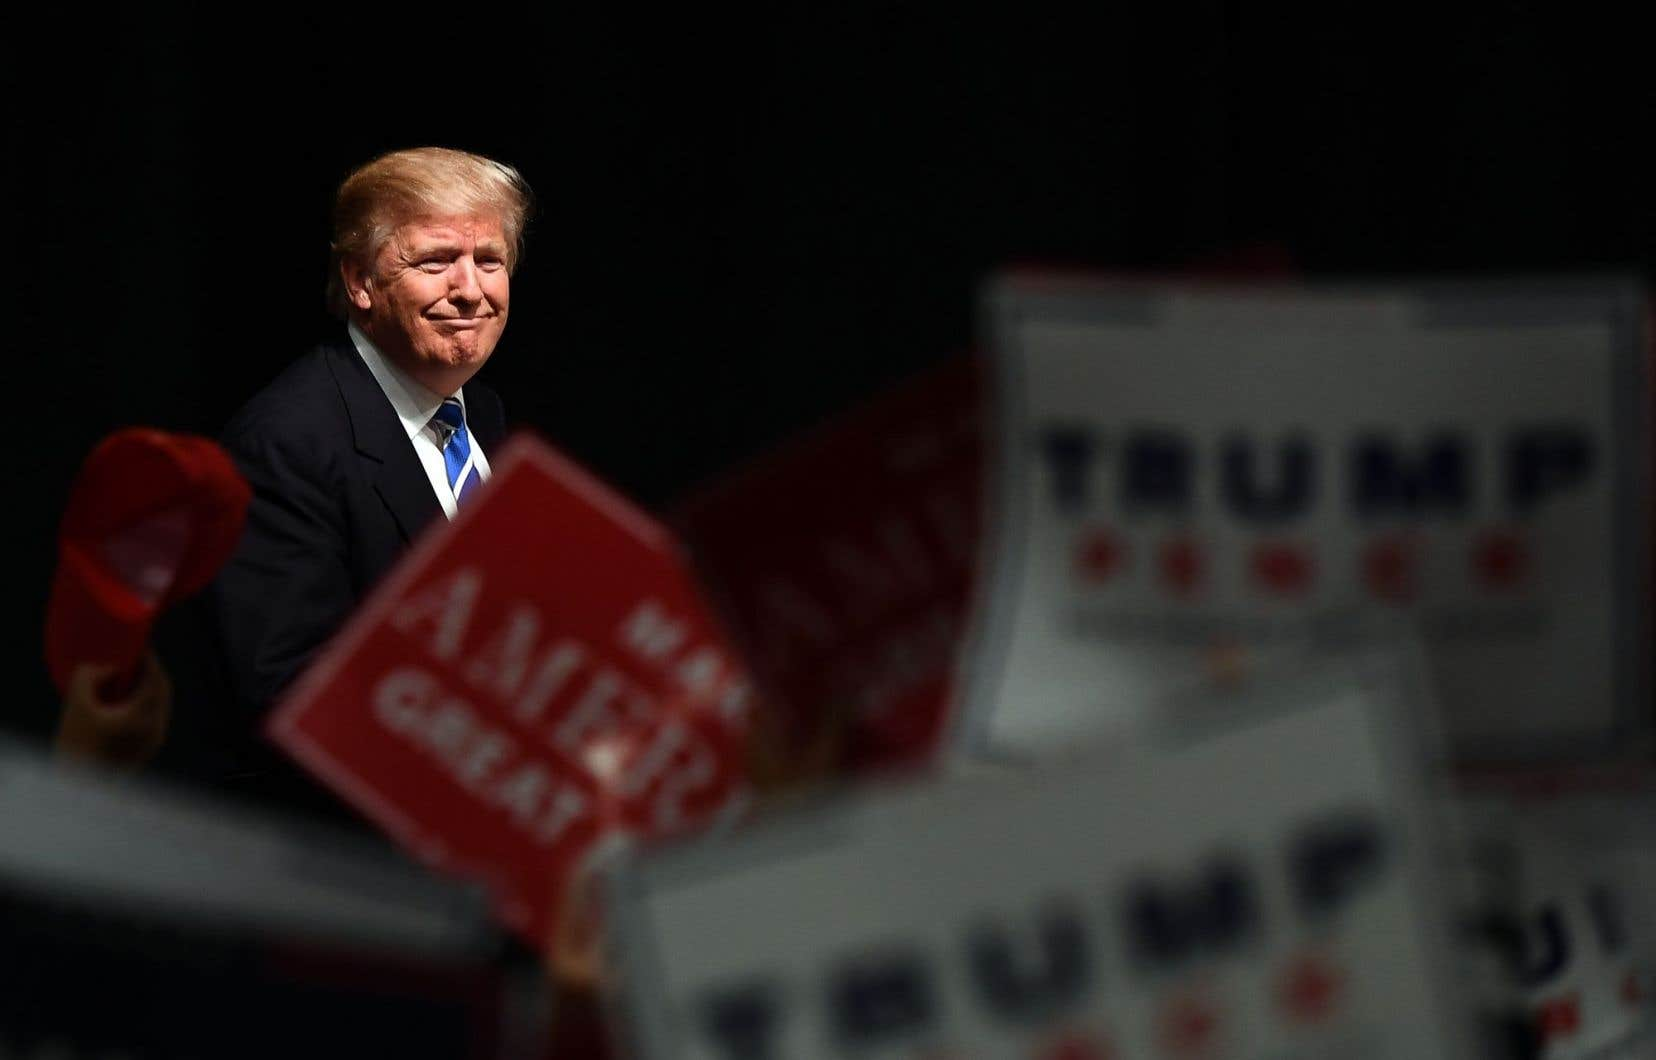 Donald Trump avait affirmé pendant sa campagne que le réchauffement climatique était un canular lancé par la Chine pour affaiblir le secteur manufacturier américain.